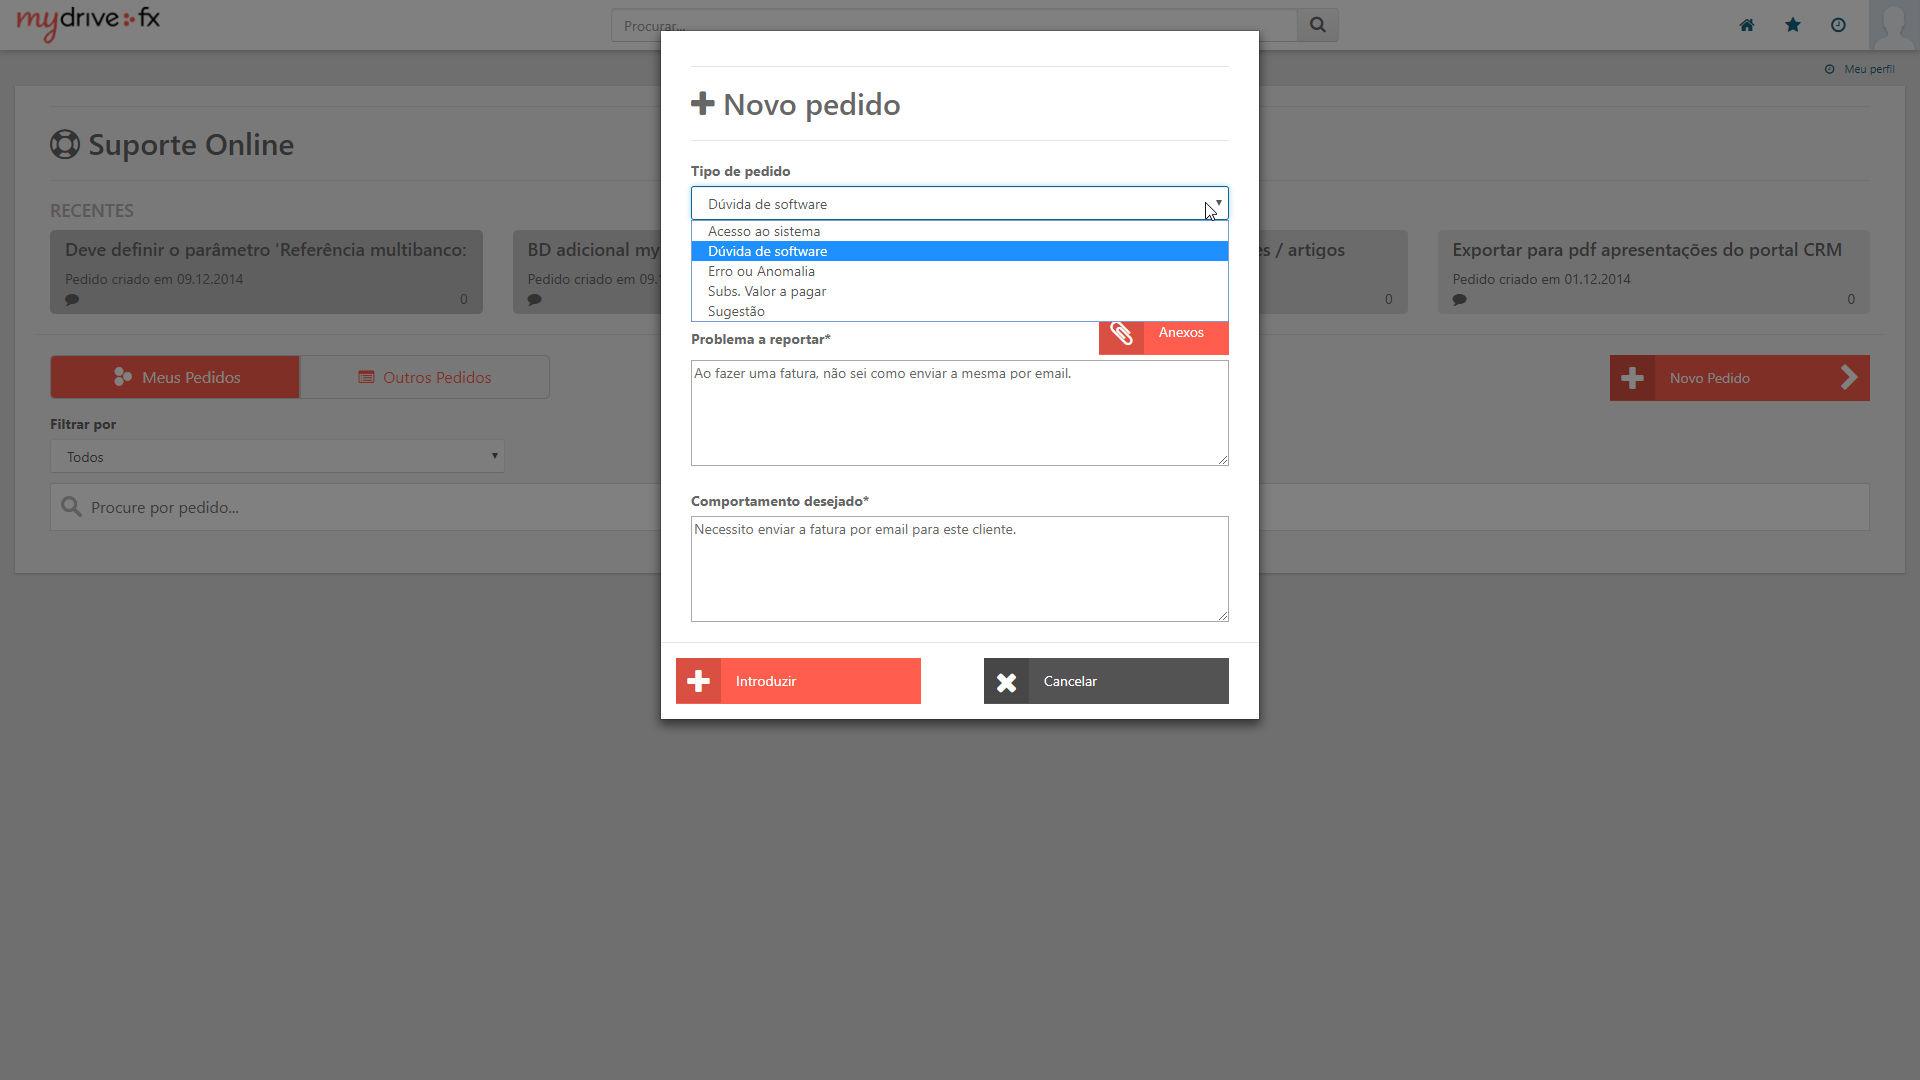 novo suporte online 2